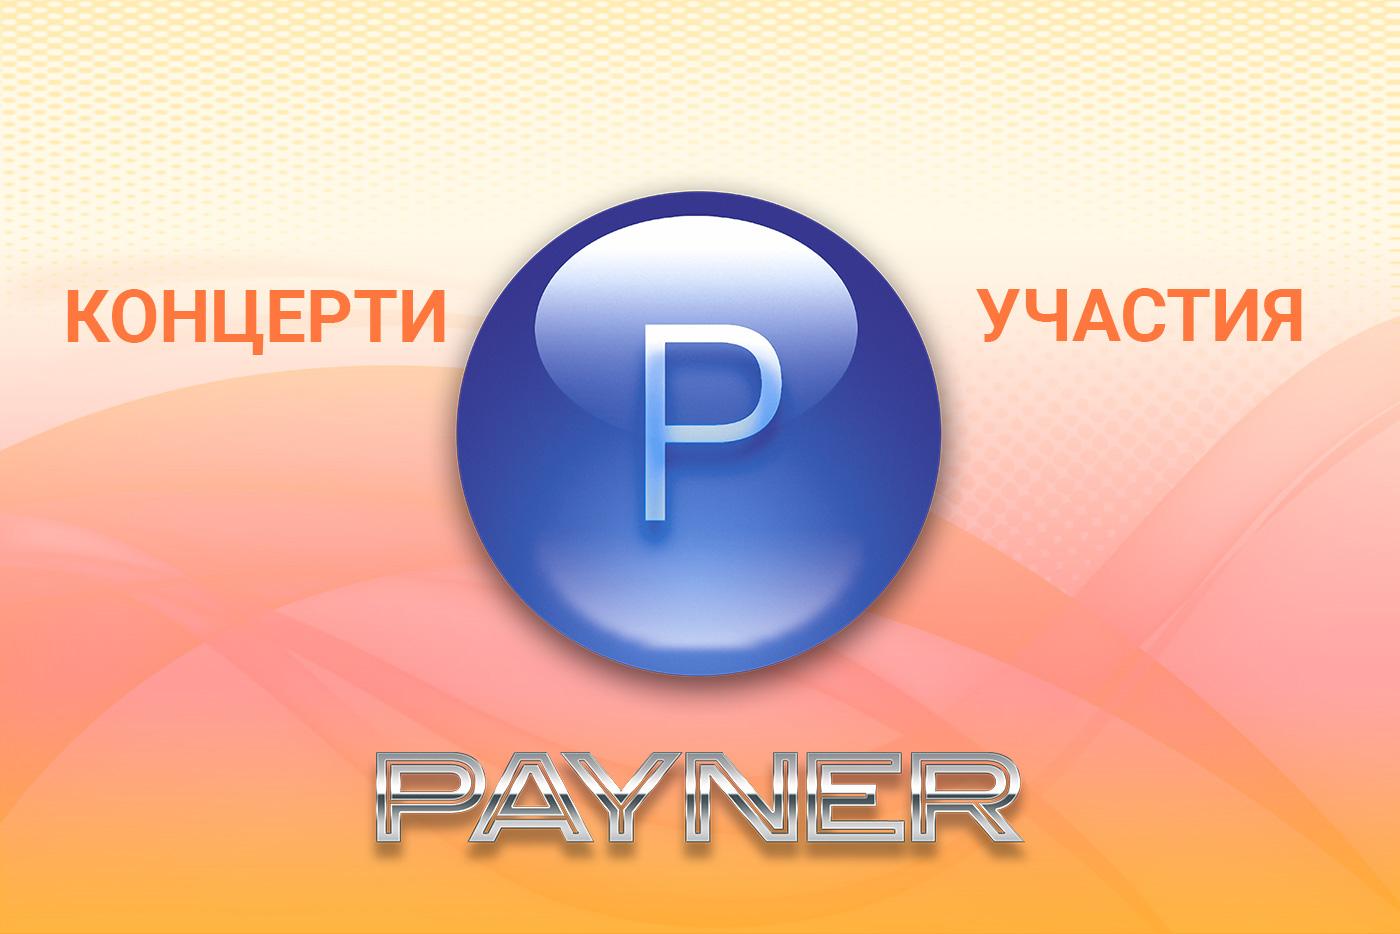 """Участия на звездите на """"Пайнер"""" на 24.08.2018"""